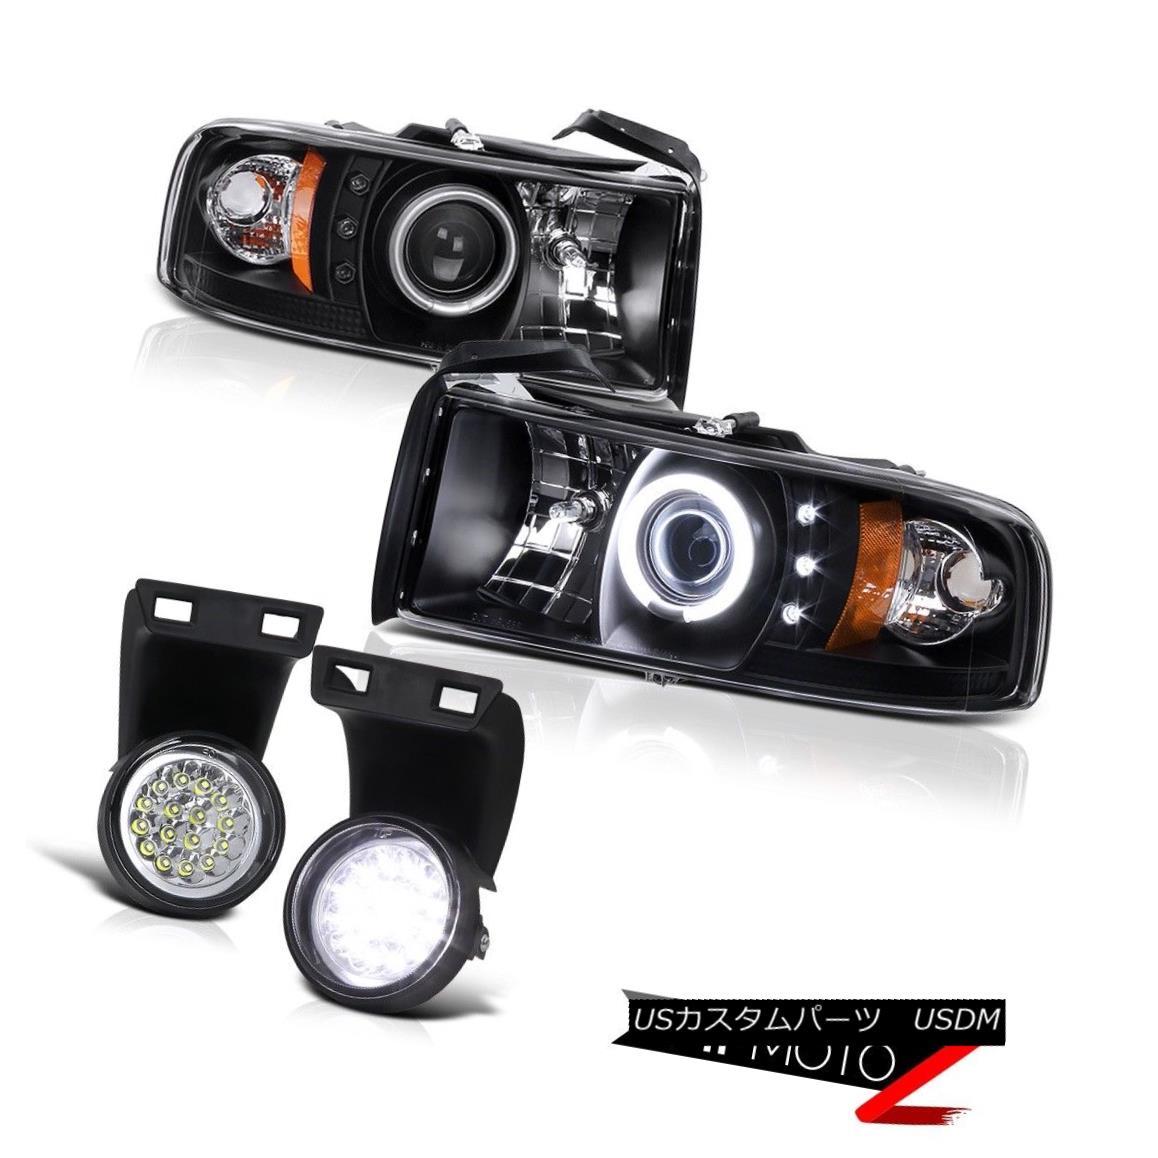 テールライト CCFL Angel Eye HaLo Projector Black Headlight+Clear Led Fog Lamp 94-01 Dodge RAM CCFL Angel Eye HaLoプロジェクターブラックヘッドライト+クリーア r Ledフォグランプ94-01 Dodge RAM